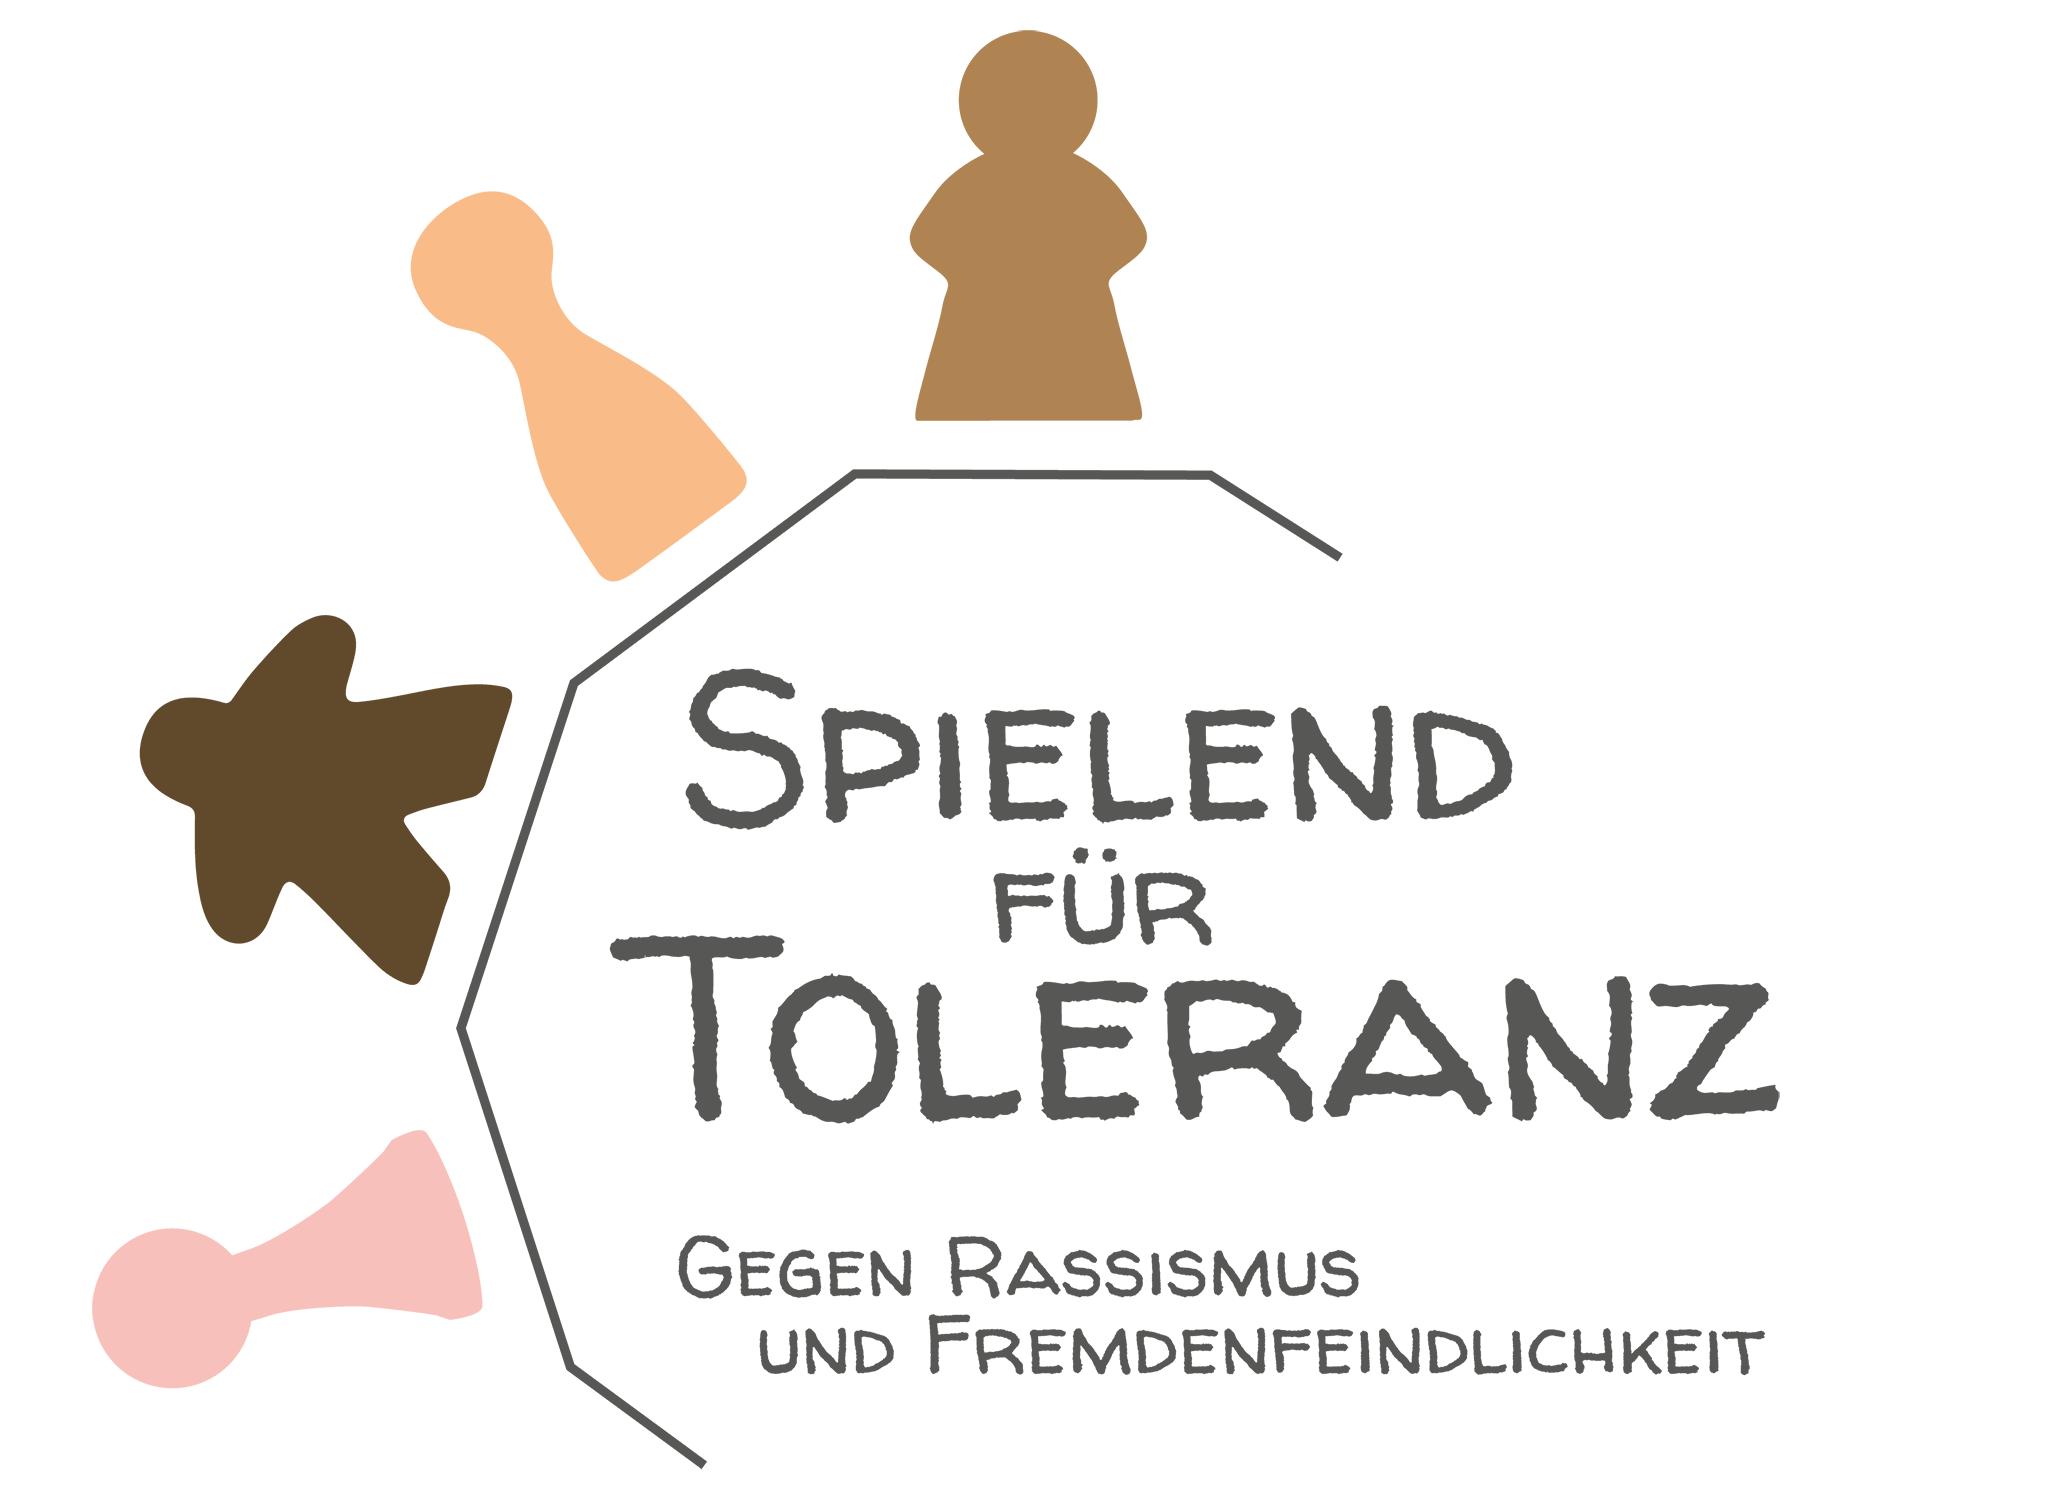 Spielend für Toleranz – gegen Rassismus und Fremdenfeindlichkeit